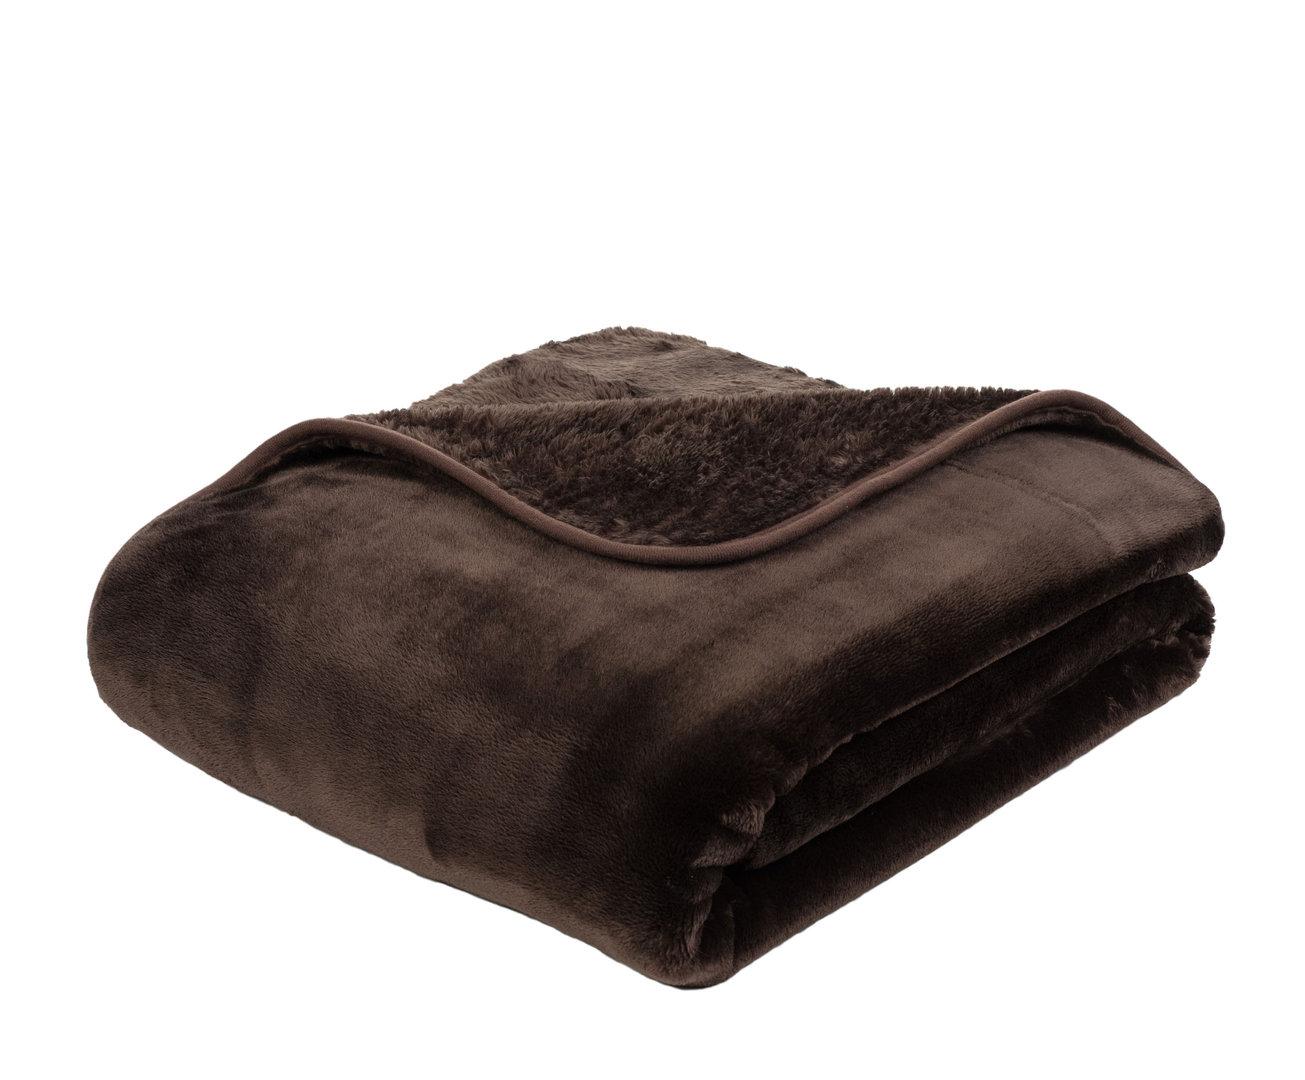 Gozze Cashmere Feeling Decke Premium For Lifestyle Shop